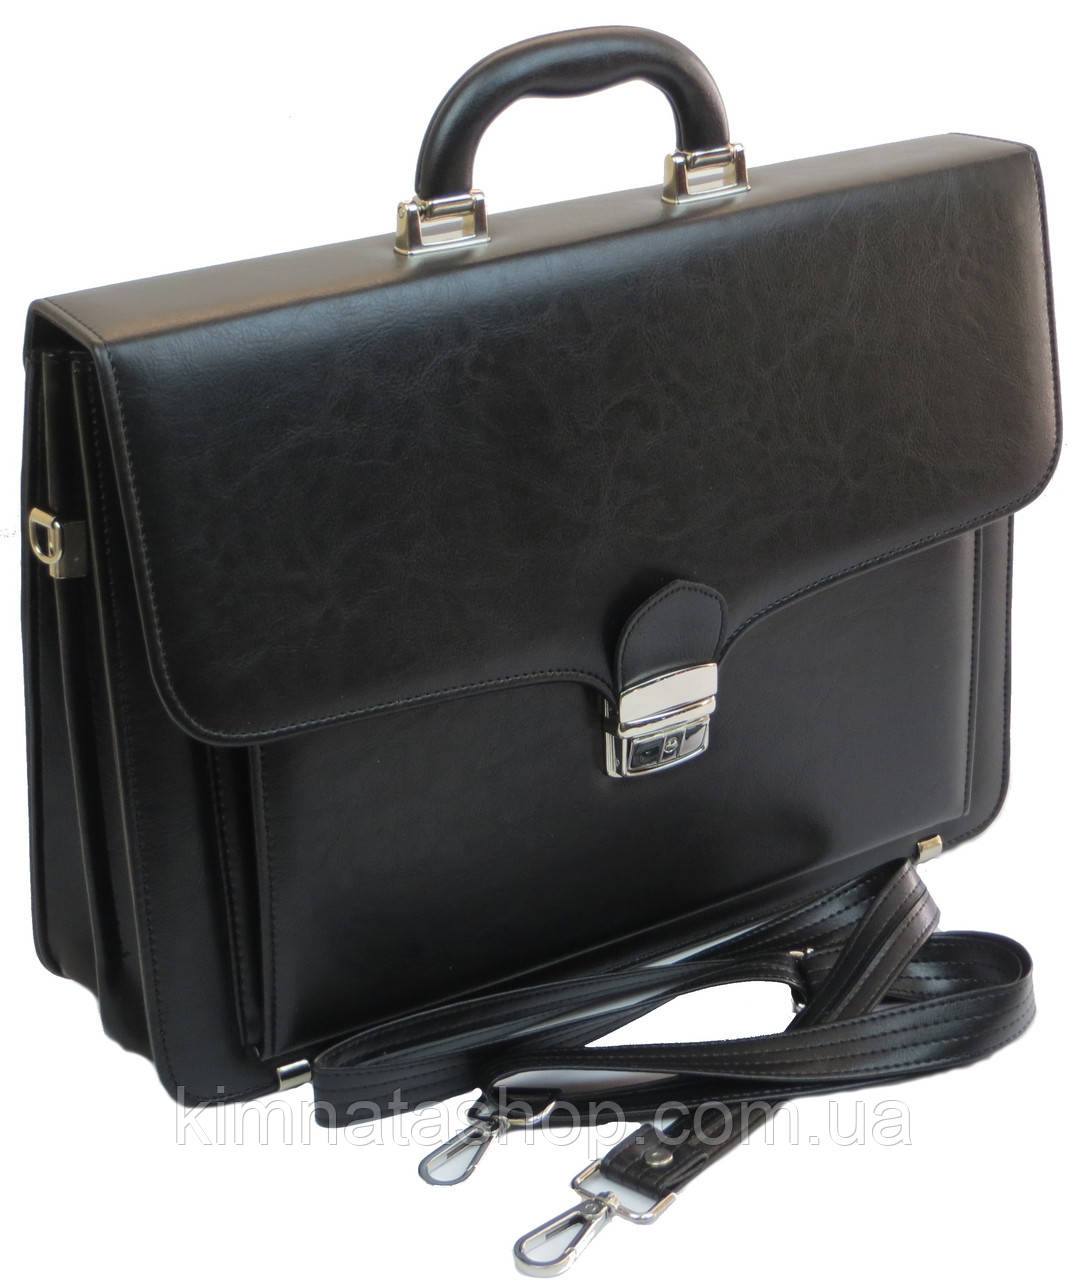 Портфель зі штучної шкіри AMO Польща SST07 black